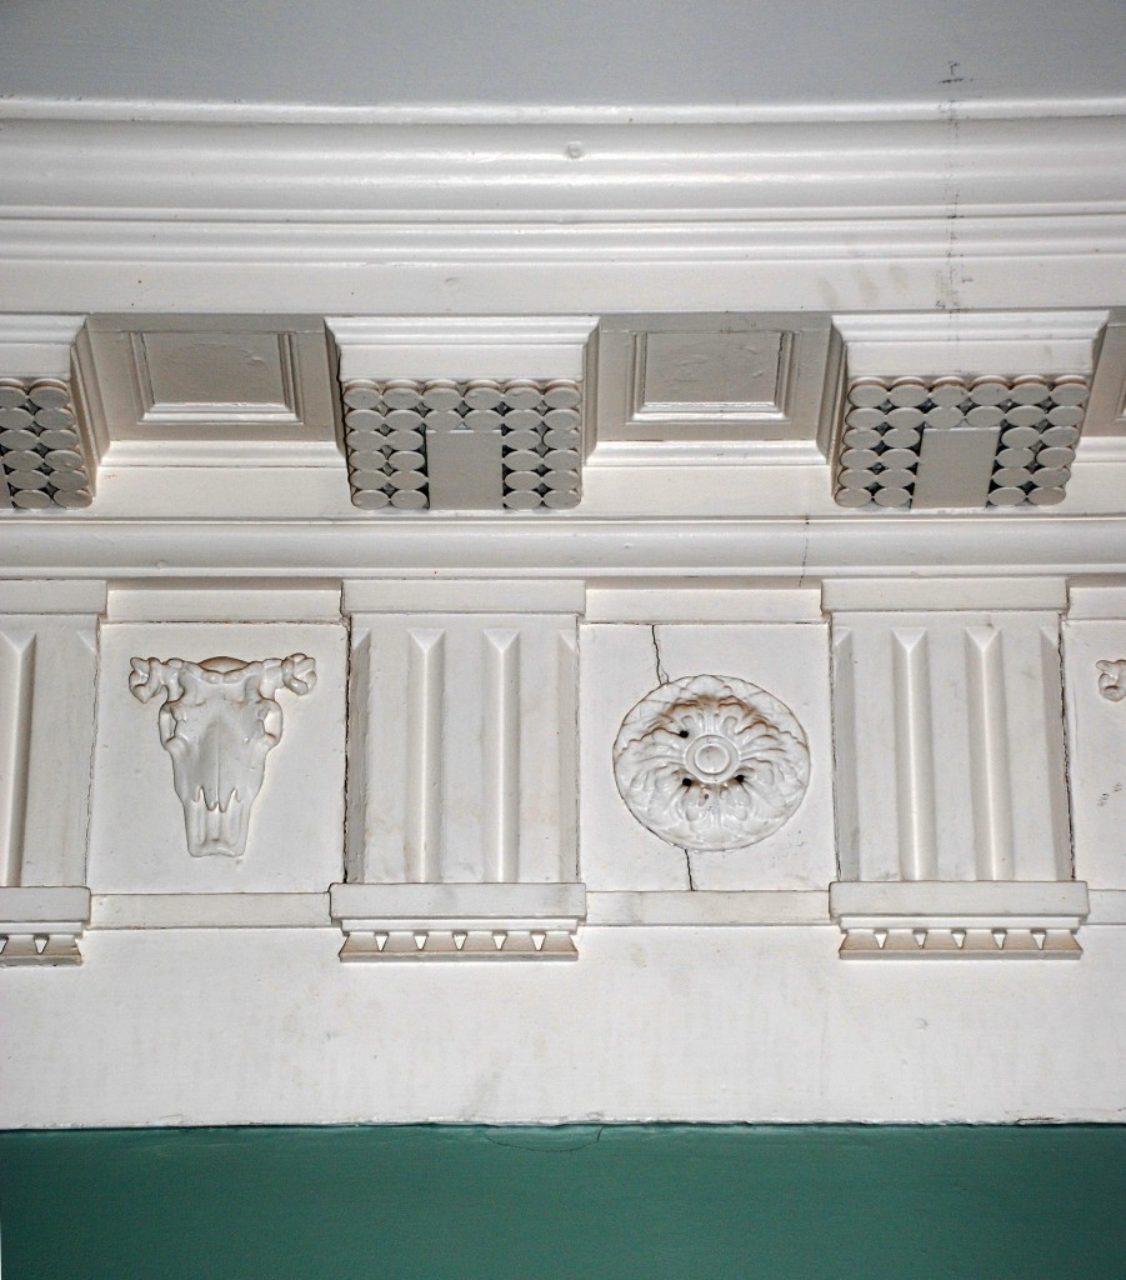 Figure 7, Parlor entablature, Pavilion II, University of Virginia.